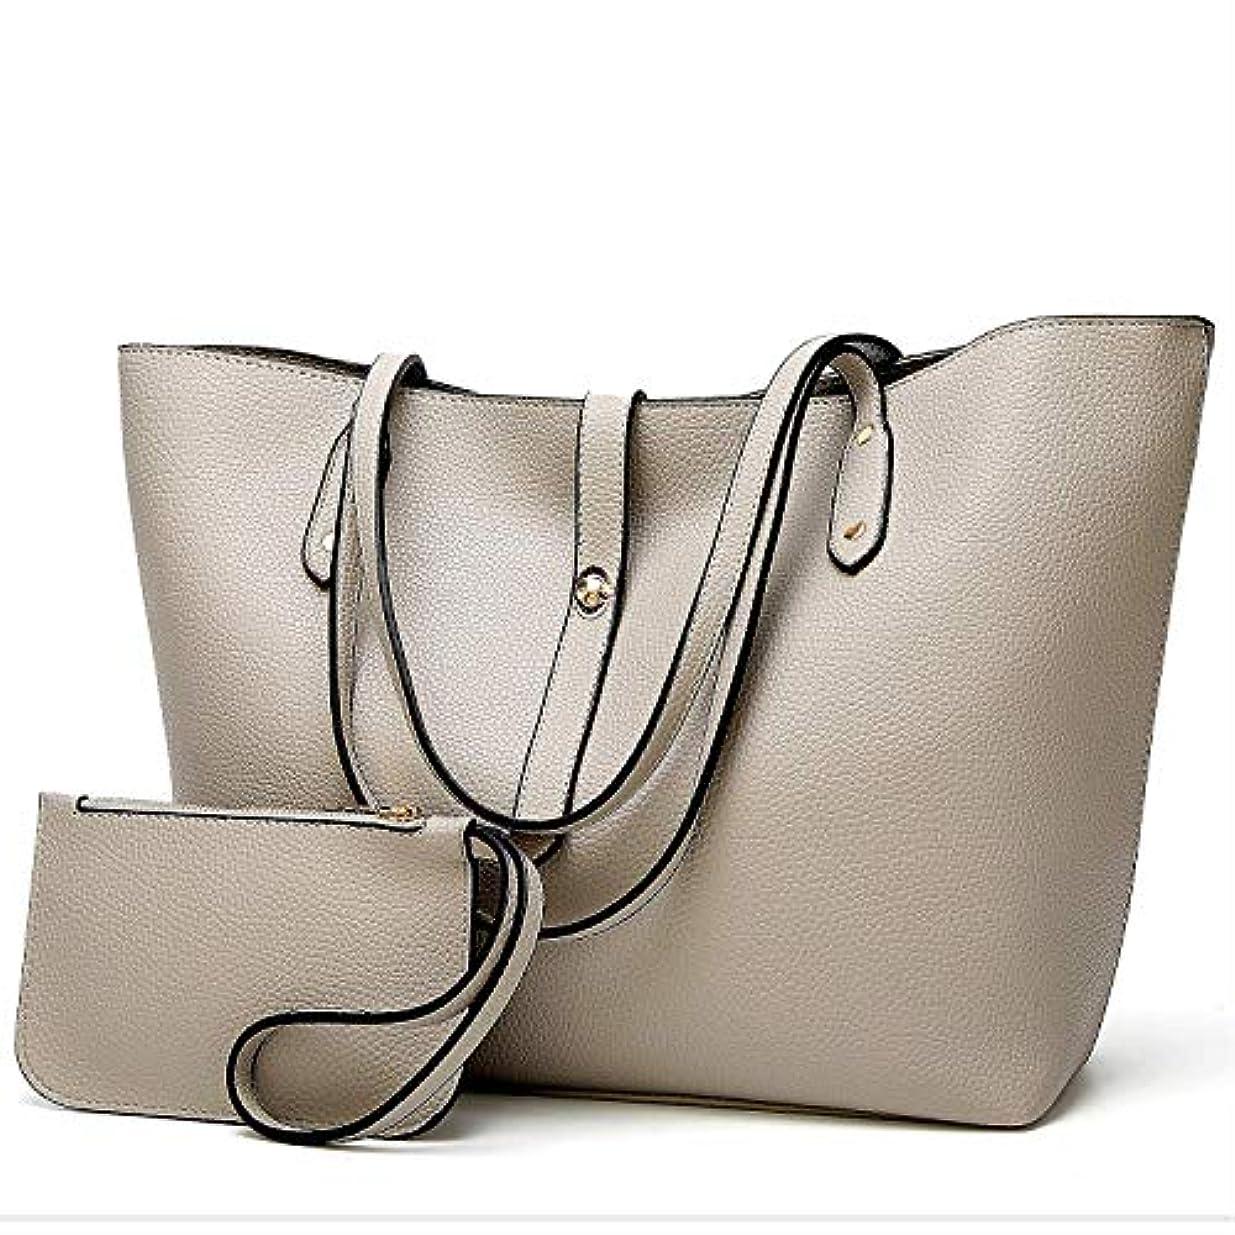 送信する悪魔球状[TcIFE] ハンドバッグ レディース トートバッグ 大容量 無地 ショルダーバッグ 2way 財布とハンドバッグ